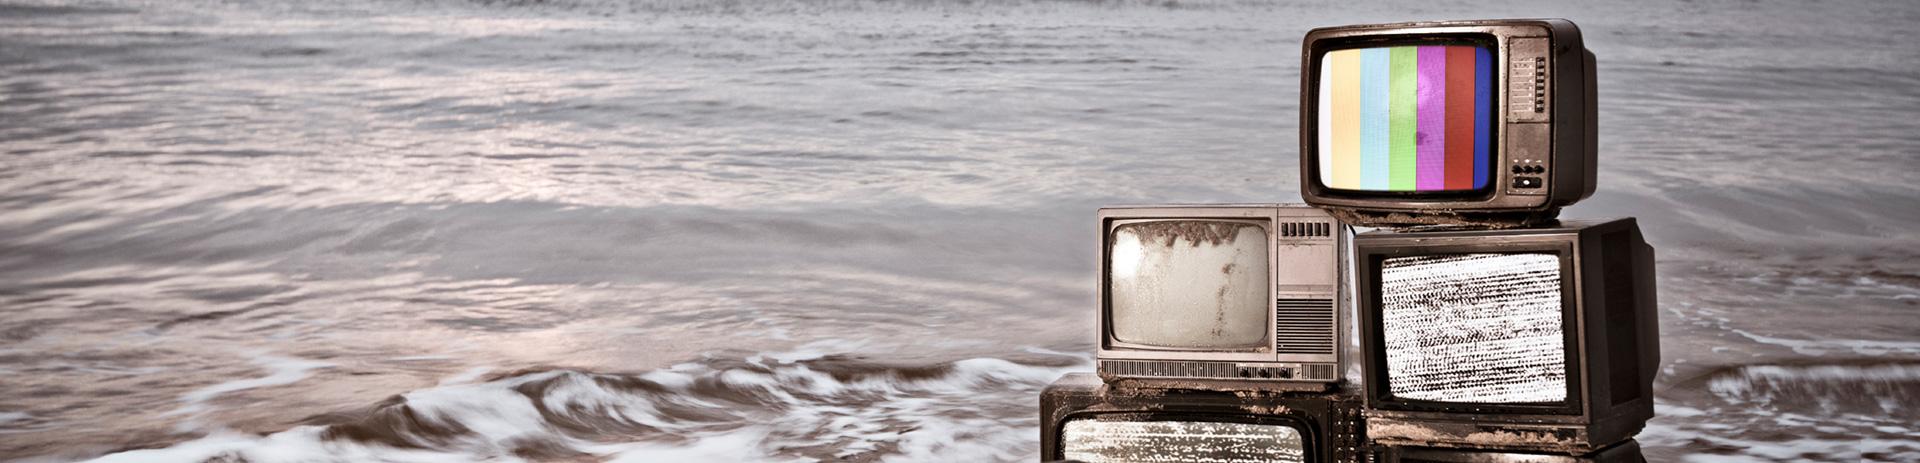 Digitales Kabelfernsehen